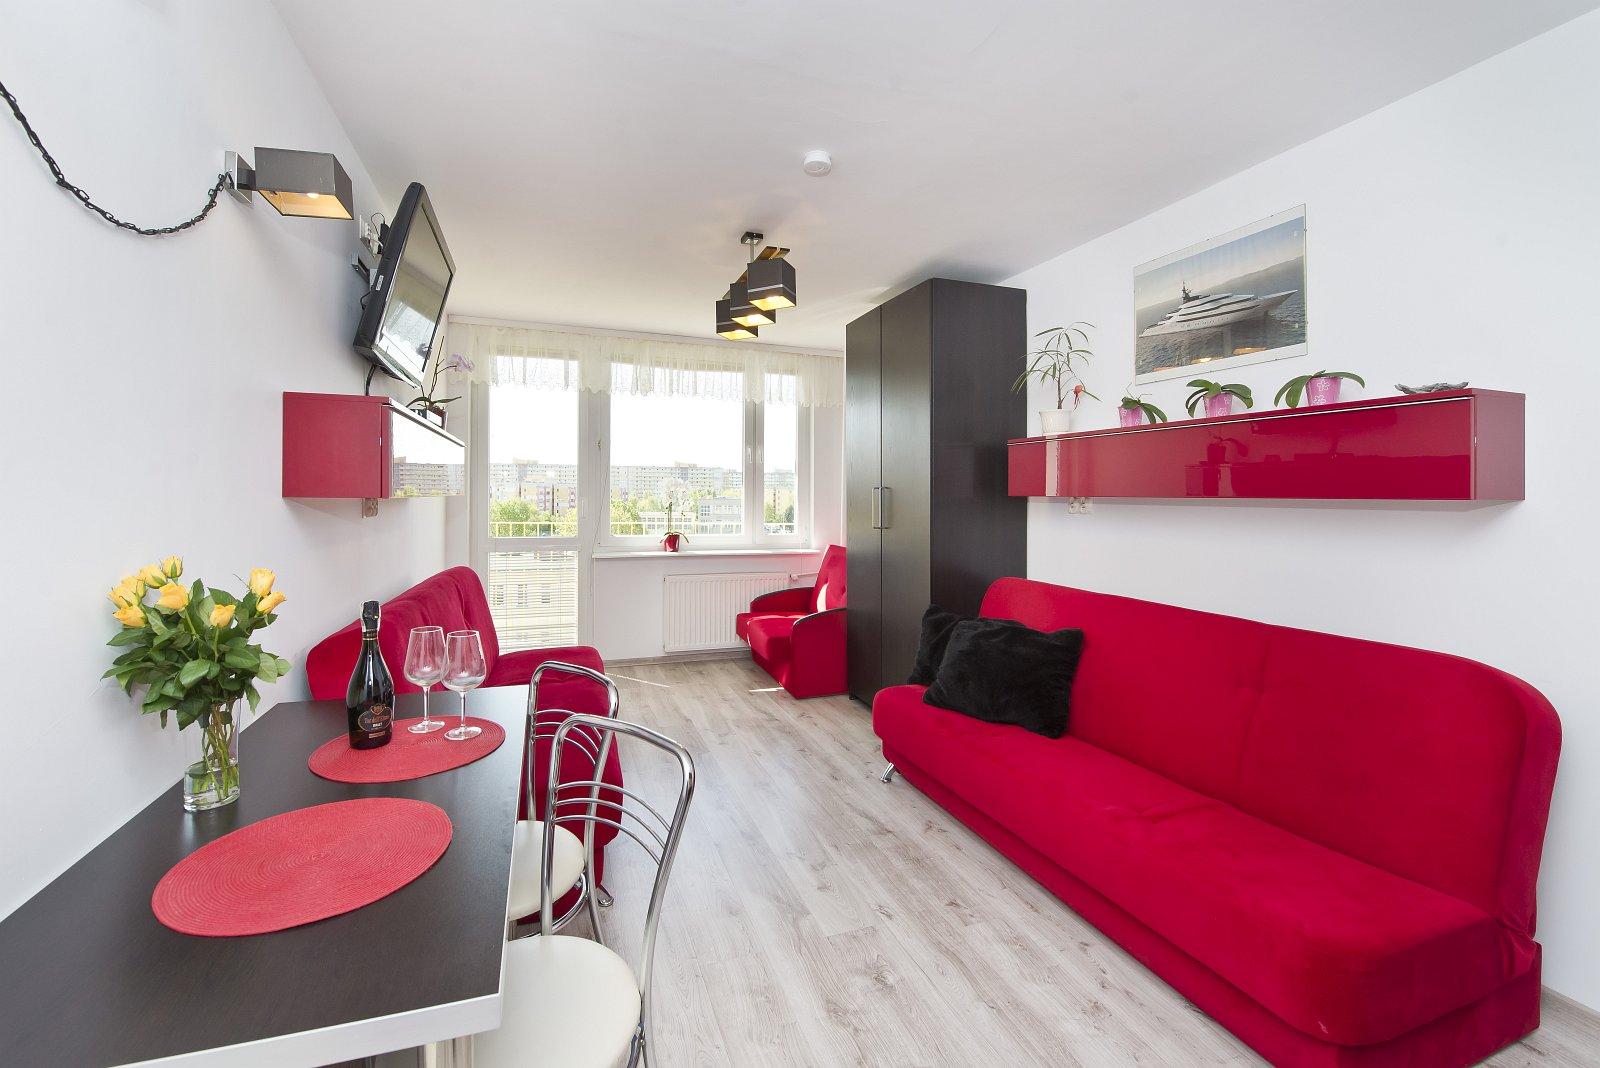 mieszkanie-wynajem-gdansk-ow4-01-01web